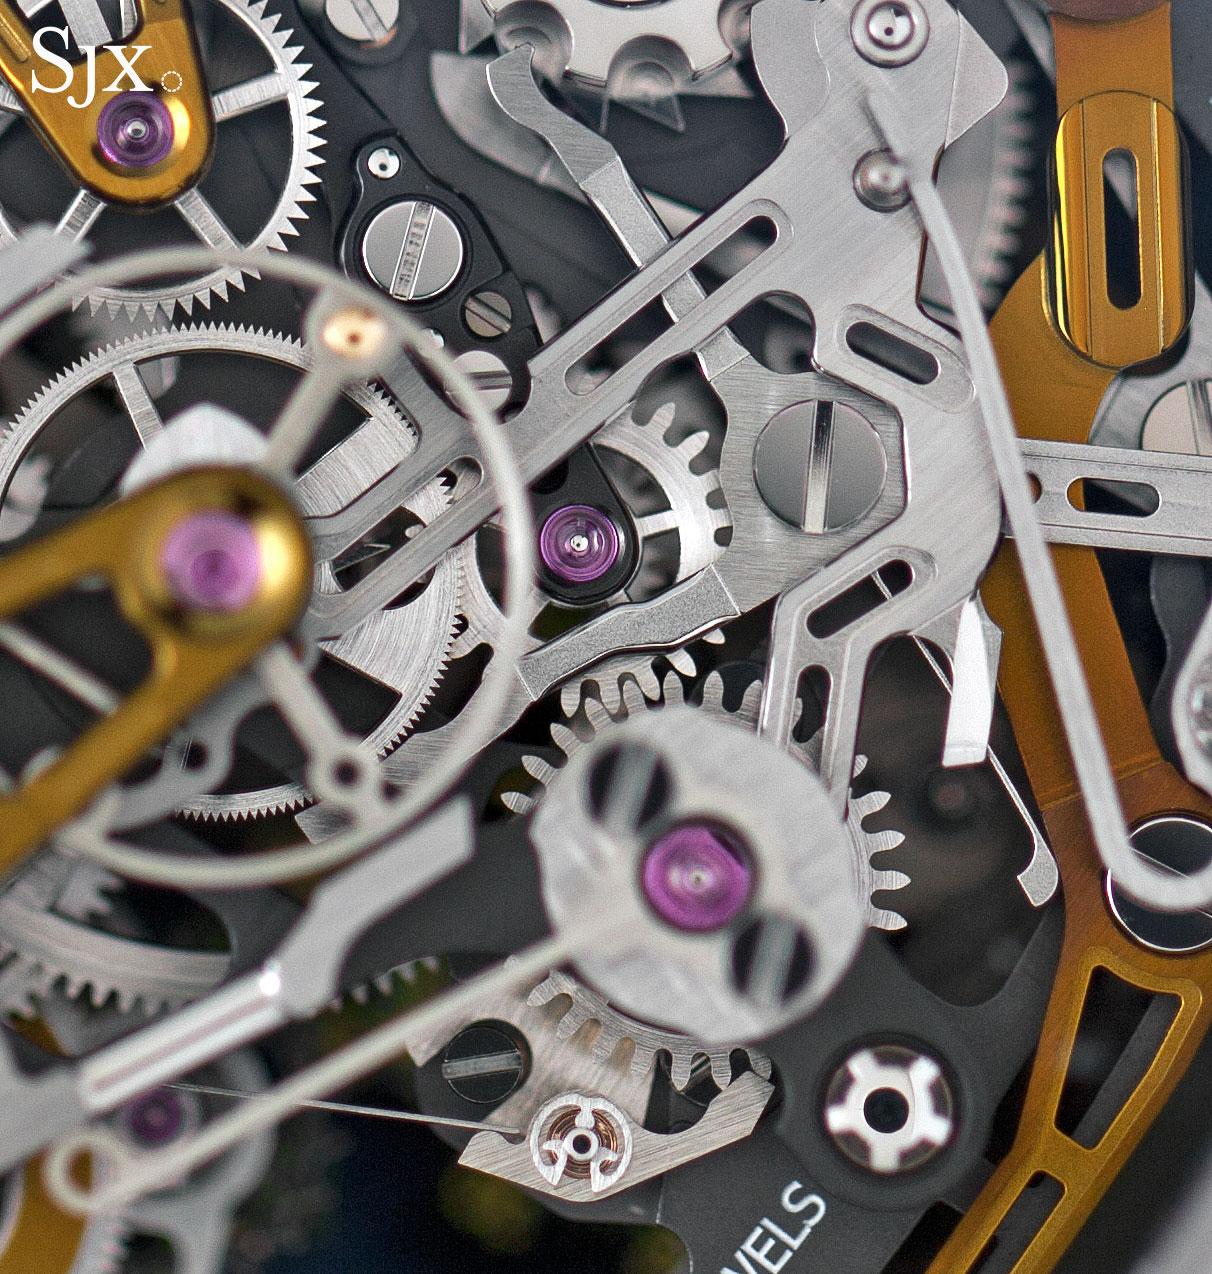 Richard Mille RM 50-02 ACJ Tourbillon Split Seconds Chronograph 16